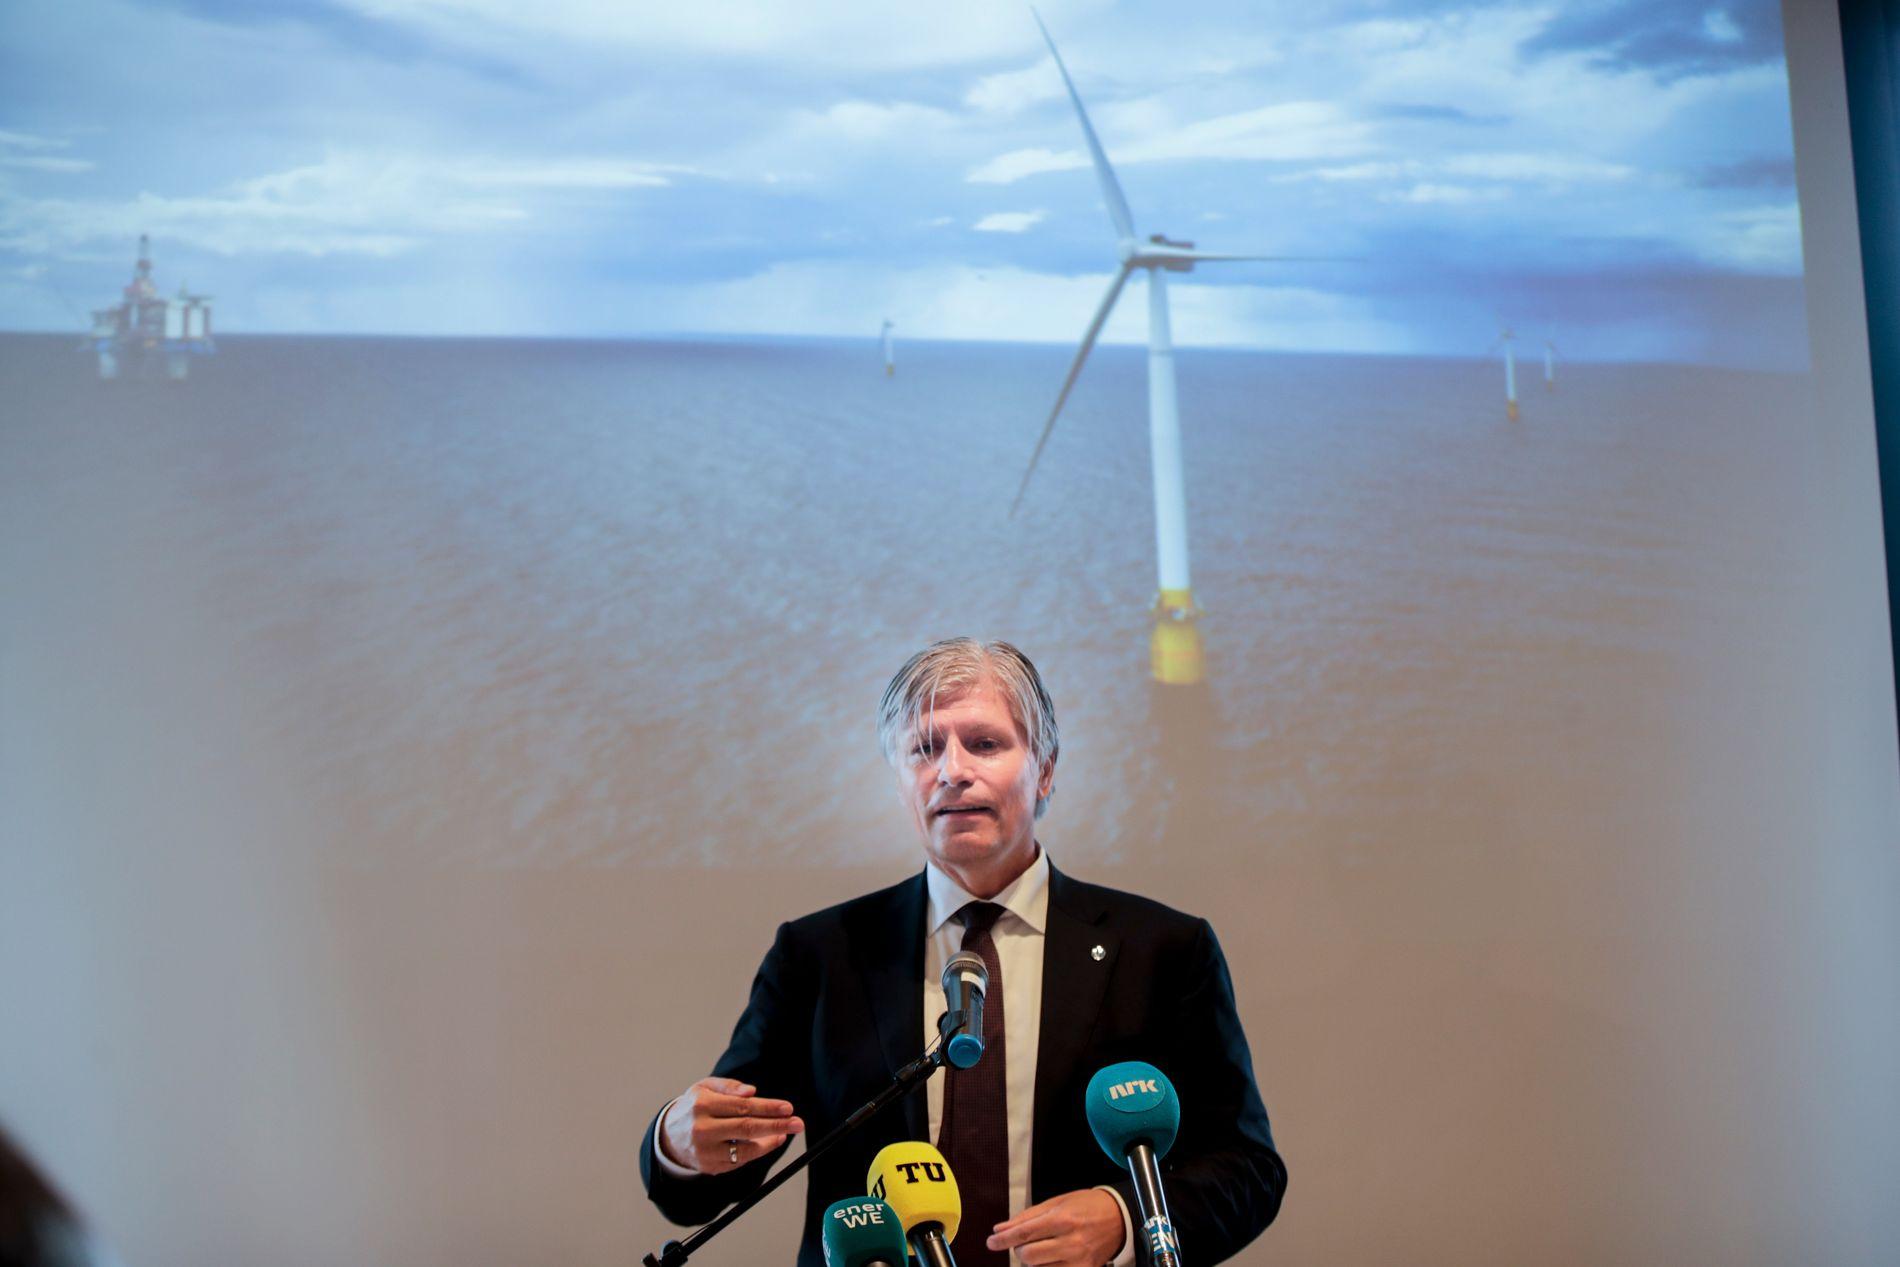 STARTSKOT: Klima- og miljøvernminister Ola Elvestuen (V) og regjeringa har mykje av æra, sjølv om statlege Enova stod for statsstøtta som gjer mogeleg den første flytande havvindparken på norsk sokkel. Godt nytt for både klimaet og norsk industri, skriv BT på leiarplass.